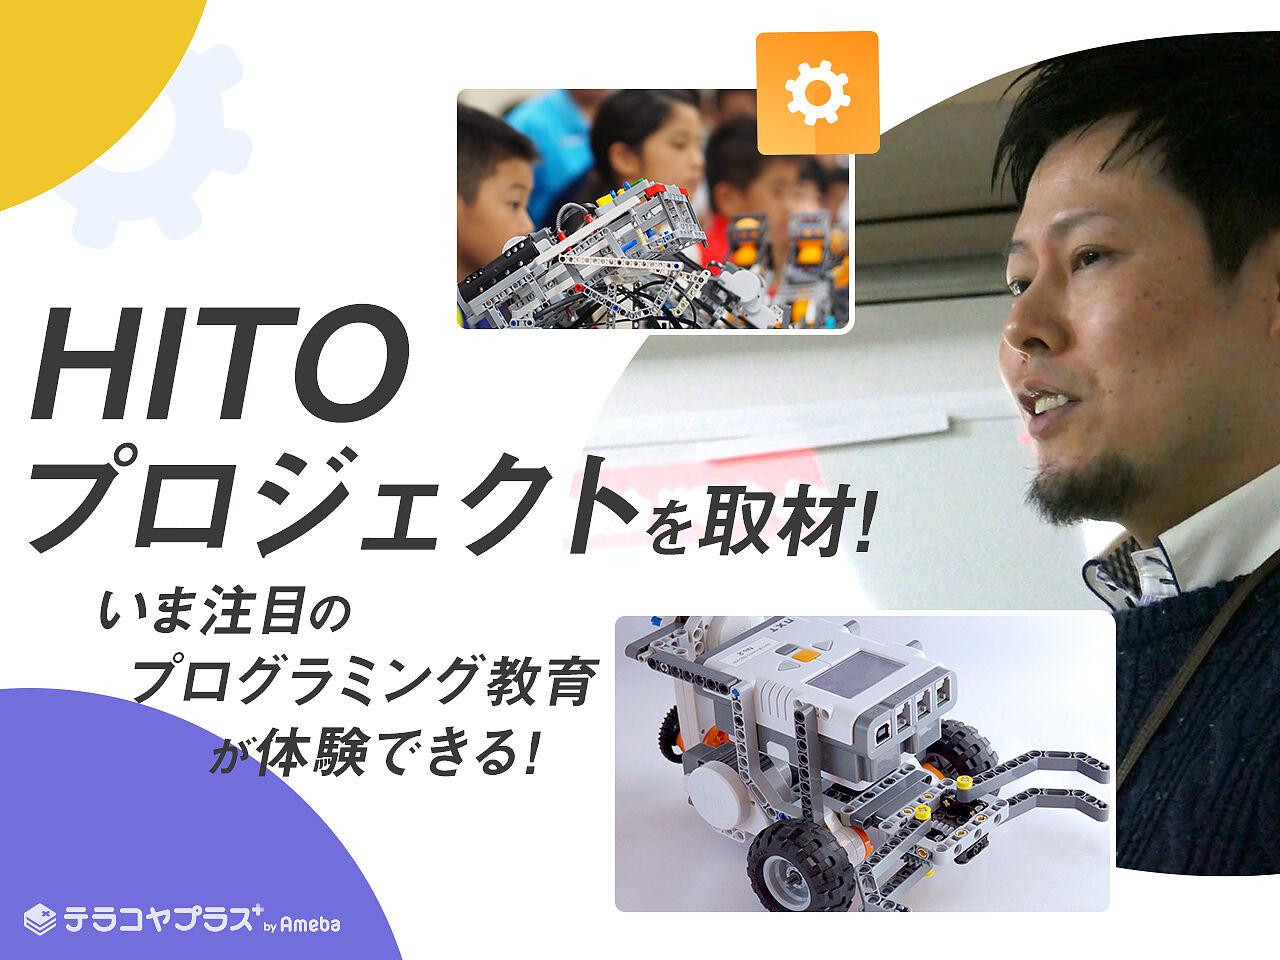 プログラミング体験を通して知的好奇心を育てるNPO法人「HITOプロジェクト」を取材!子どもたちが夢中になれるものの見つけ方とはの画像